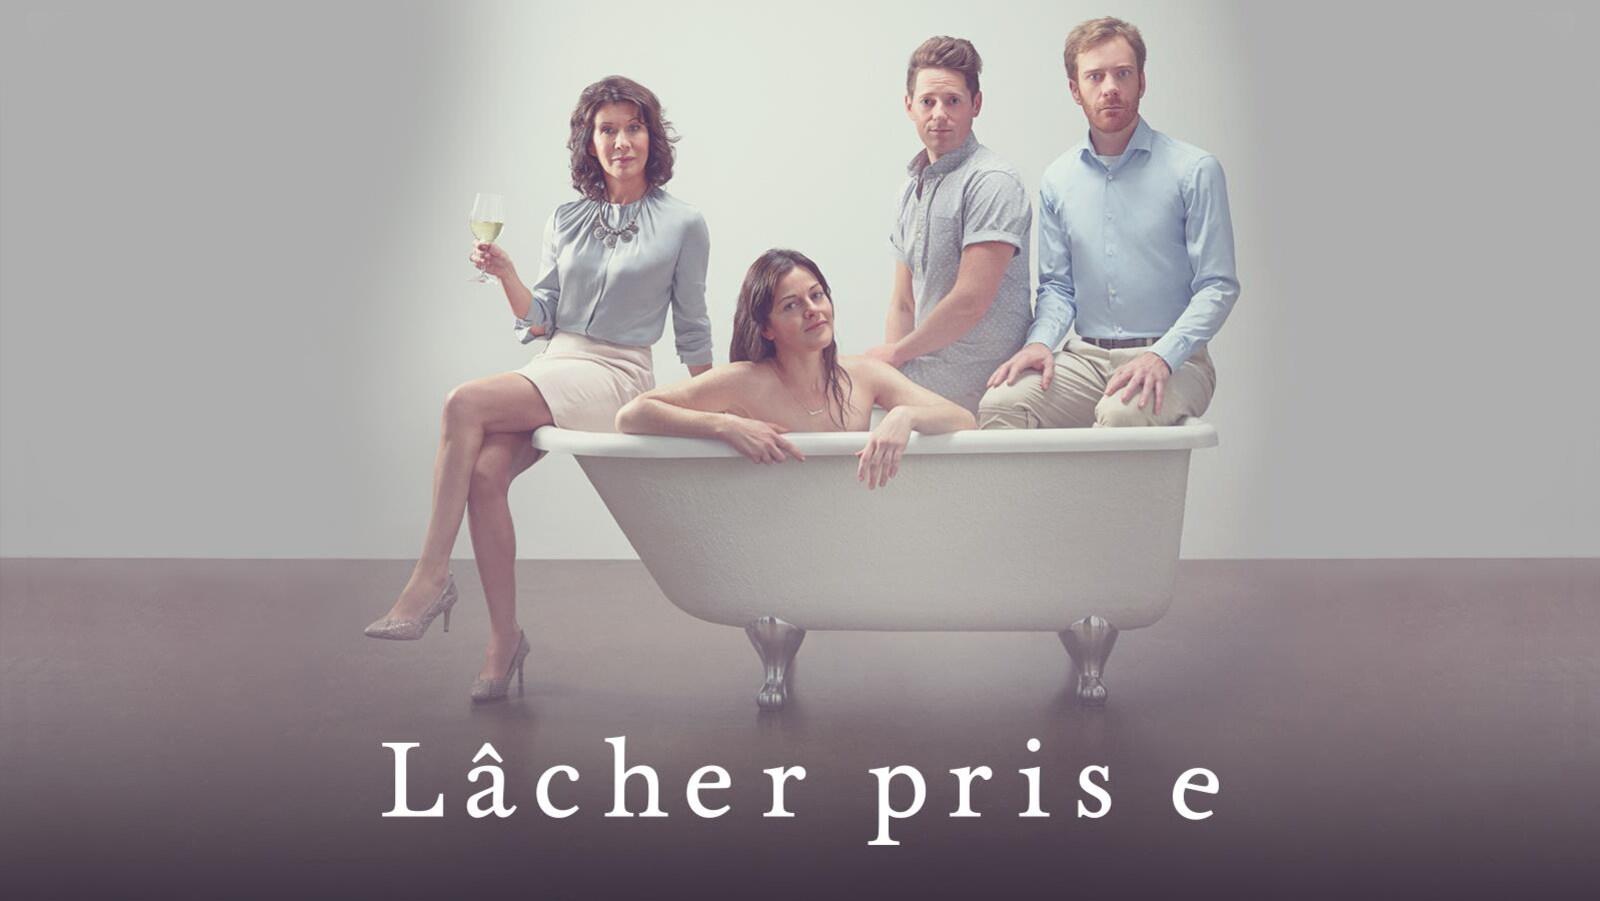 Valérie, personnage principal de la série Lâcher prise, dans une baignoire, entourée de sa mère et de son ex ainsi que du compagnon de celui-ci